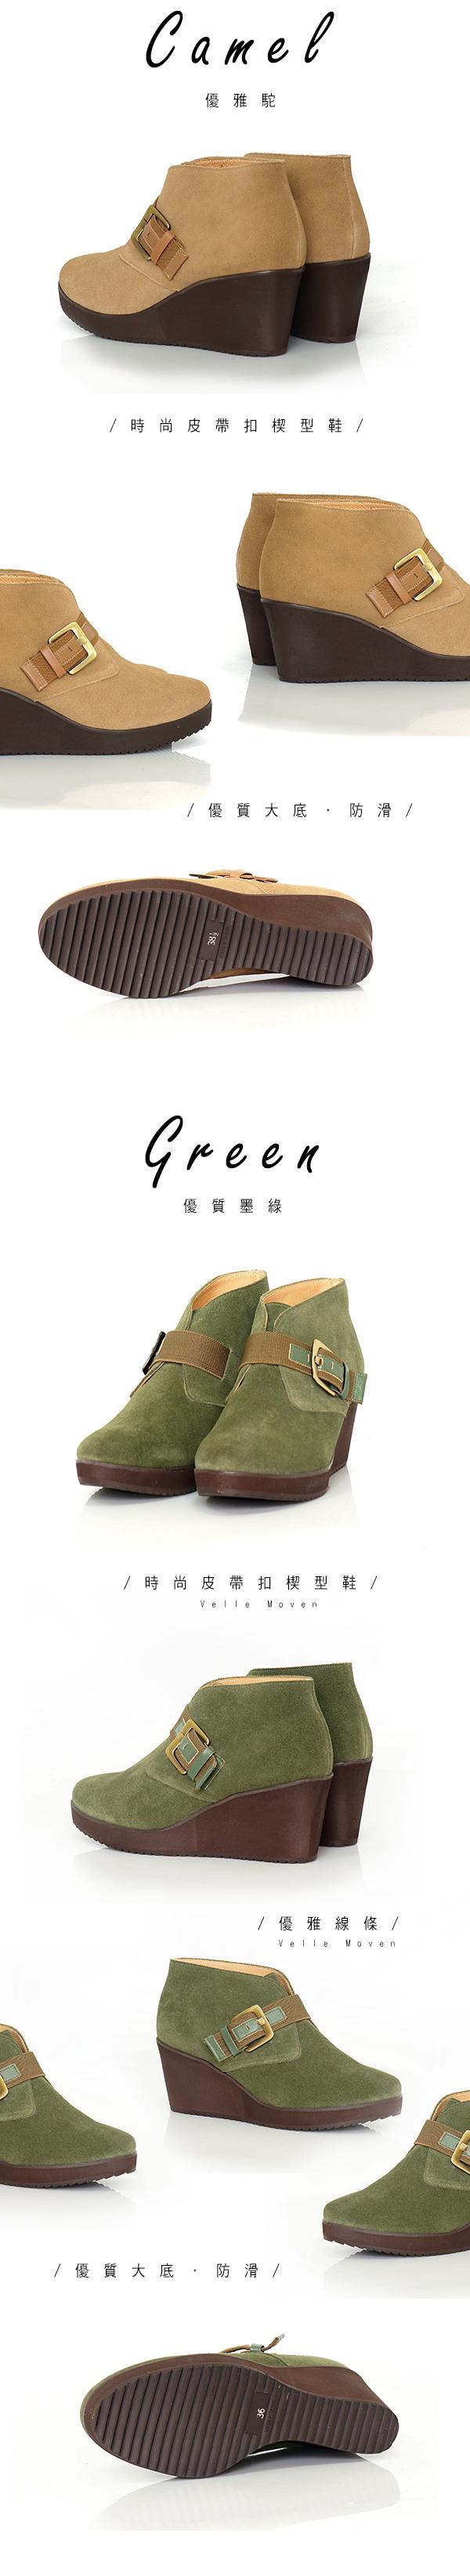 楔型鞋,好走,穩,可拉長腿部線條,高雅時尚,皮帶扣楔型鞋,全真皮,MIT,O'vimi,優雅駝/墨綠色,專櫃品牌鞋